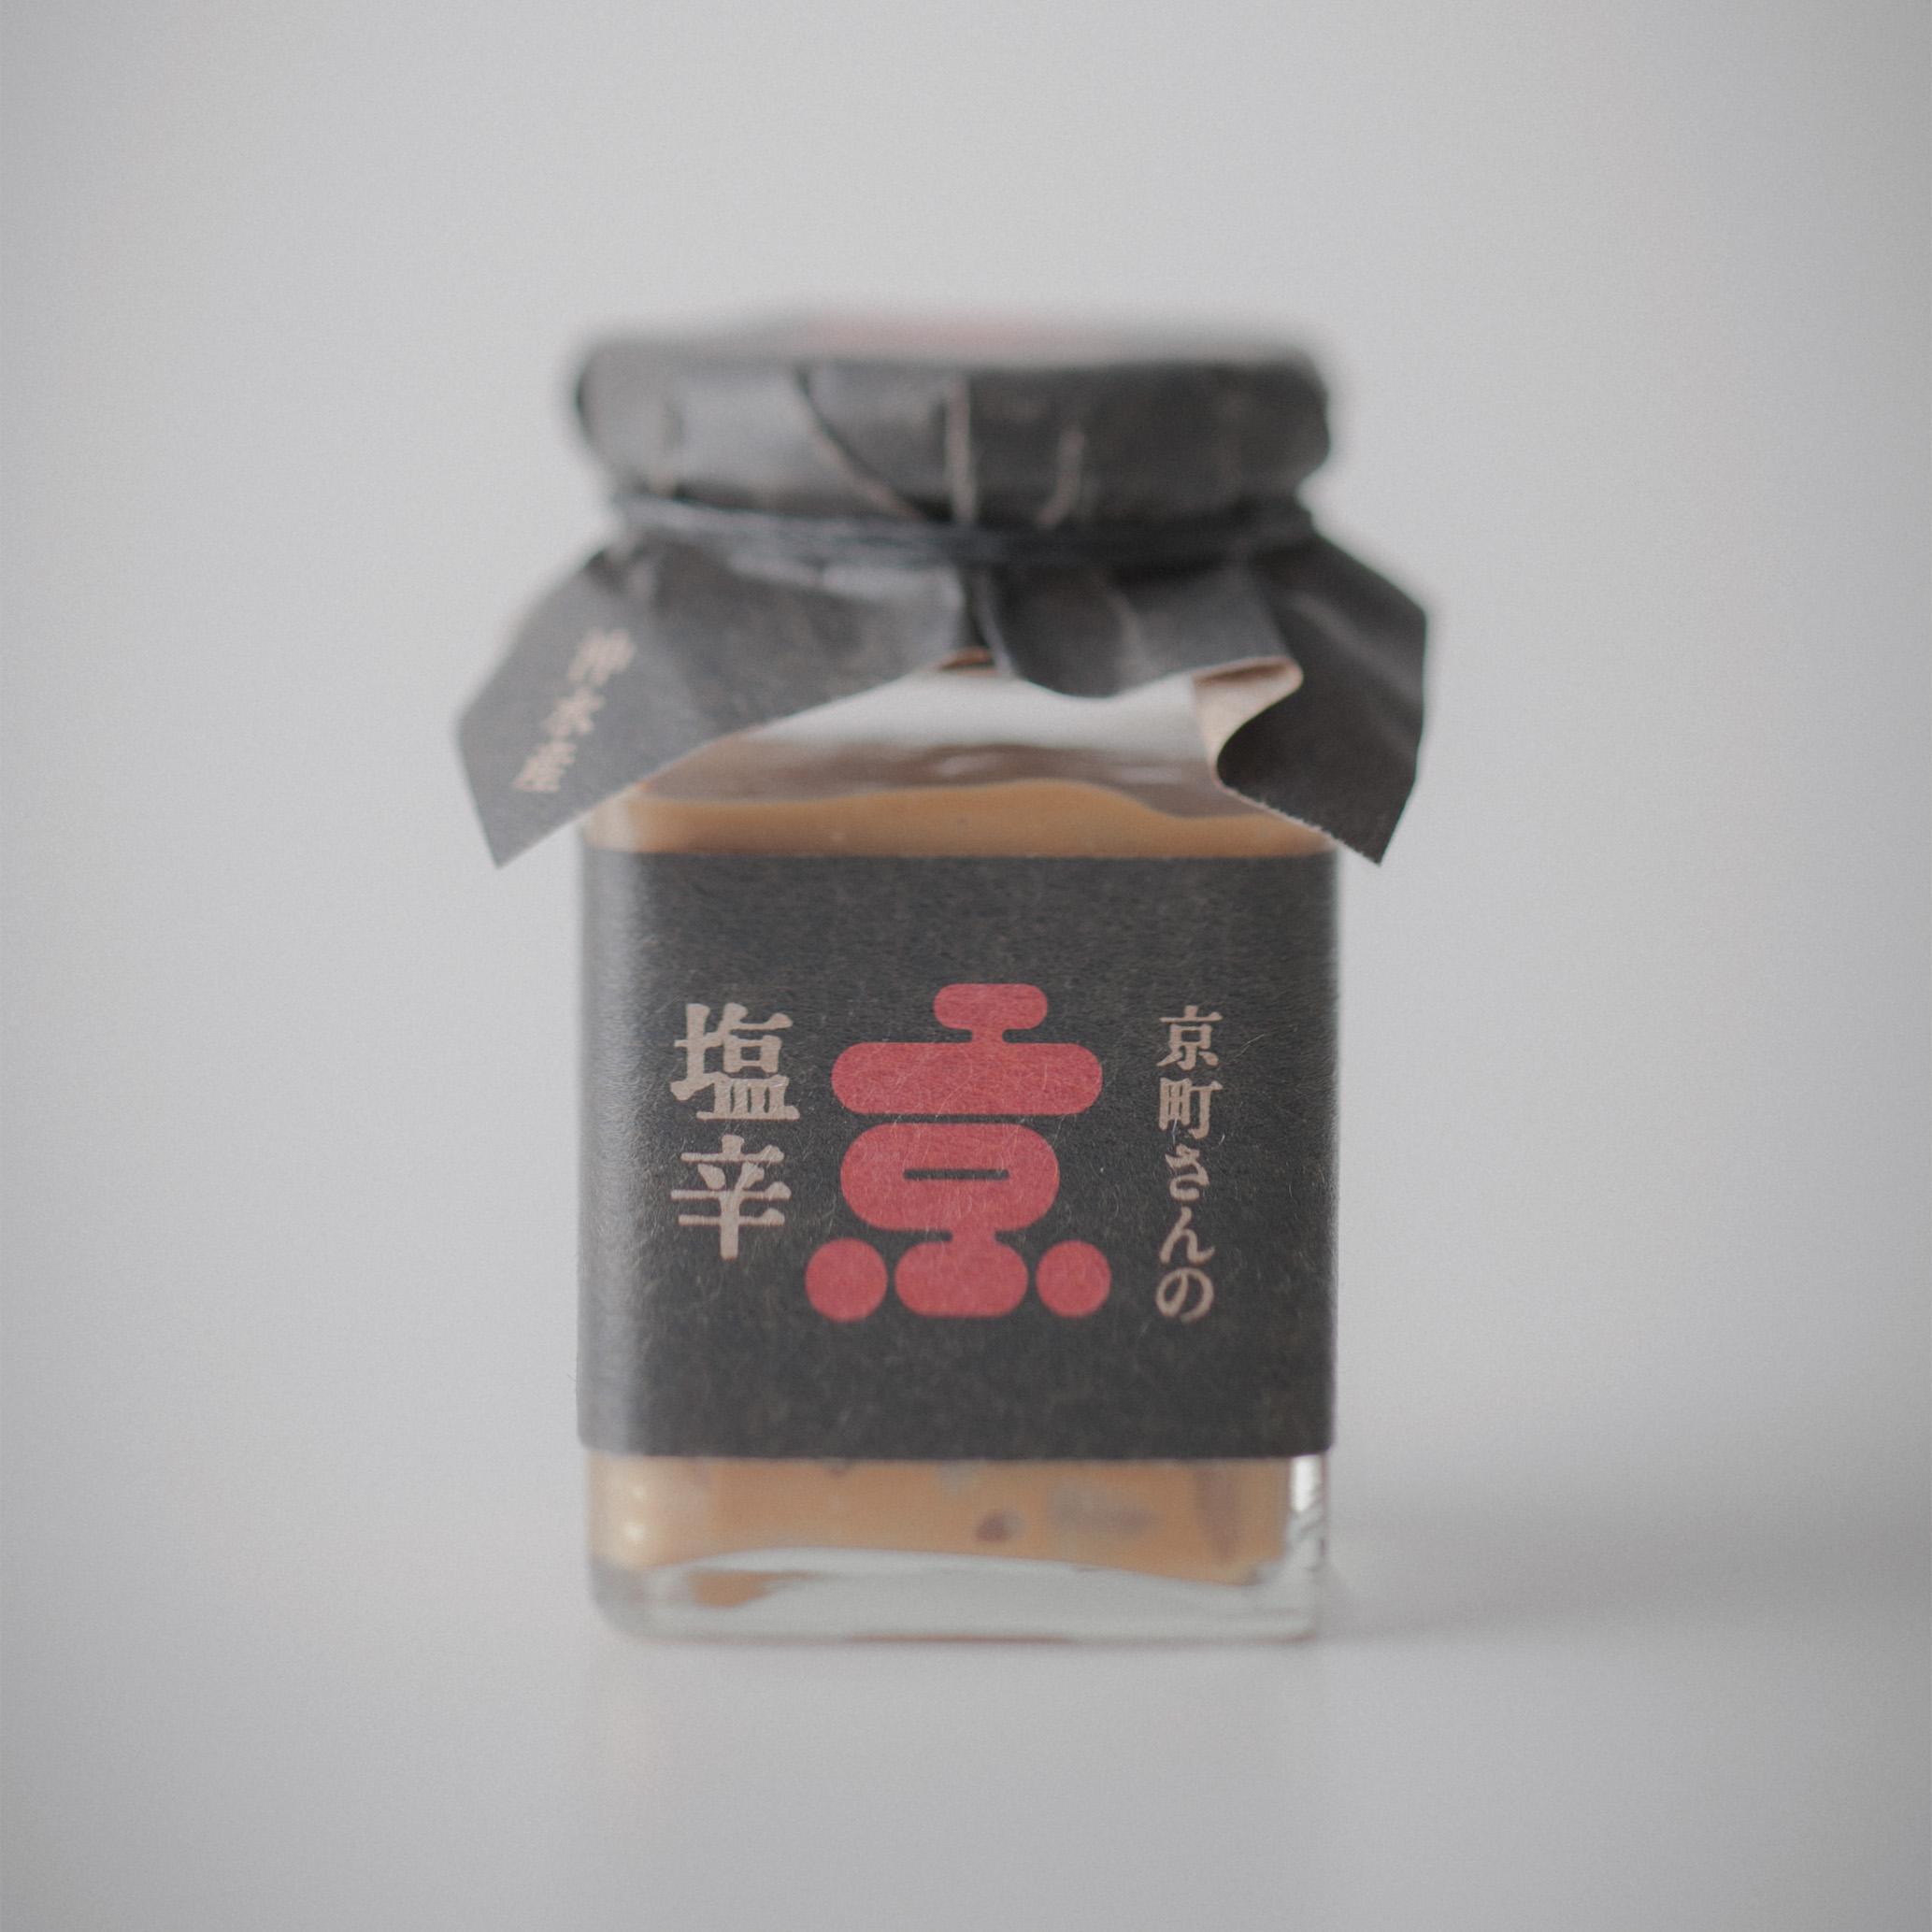 竹村真太郎(ADKアーツ)